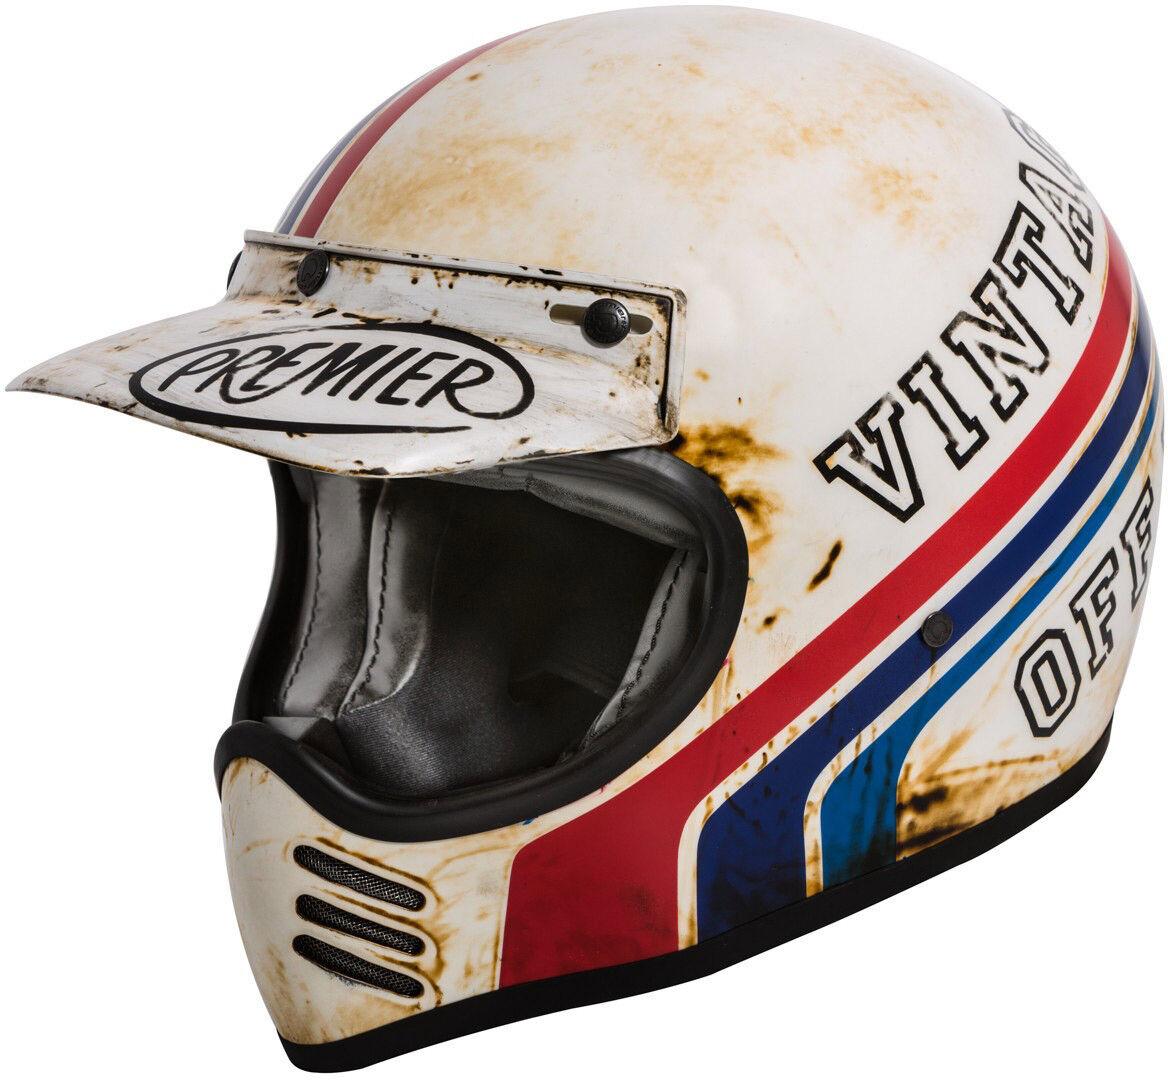 Premier Trophy MX BTR 8 BM Motocross Helmet Casco motocross